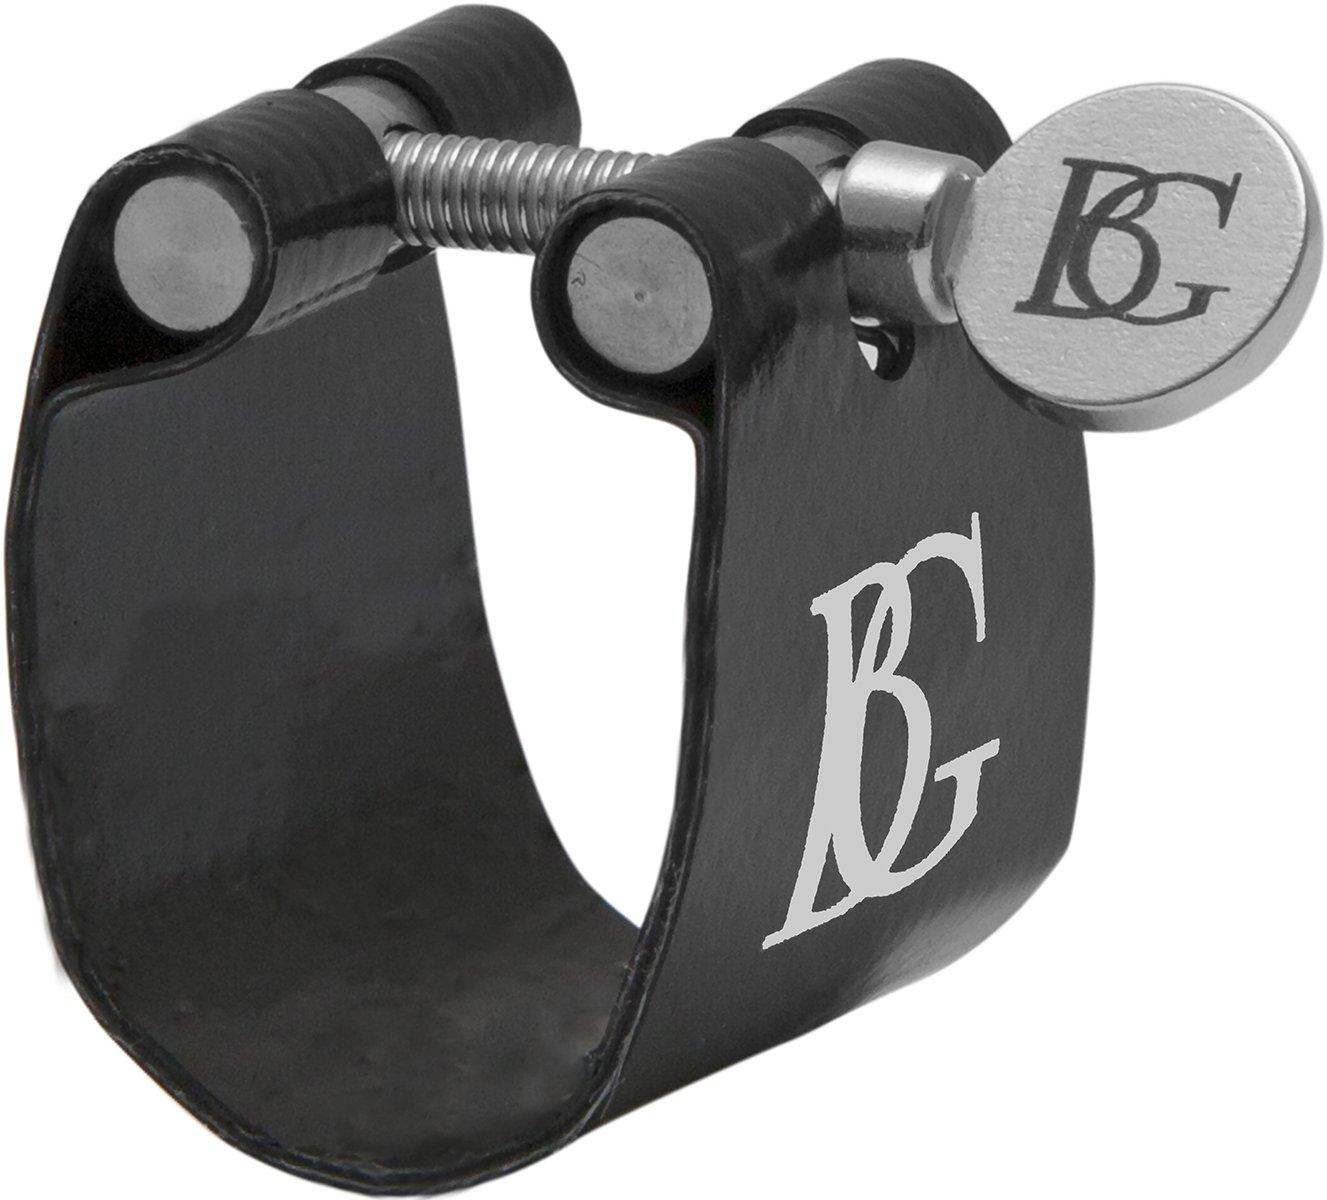 BG ABG LFGB Ligatura Flex Para Clarineto